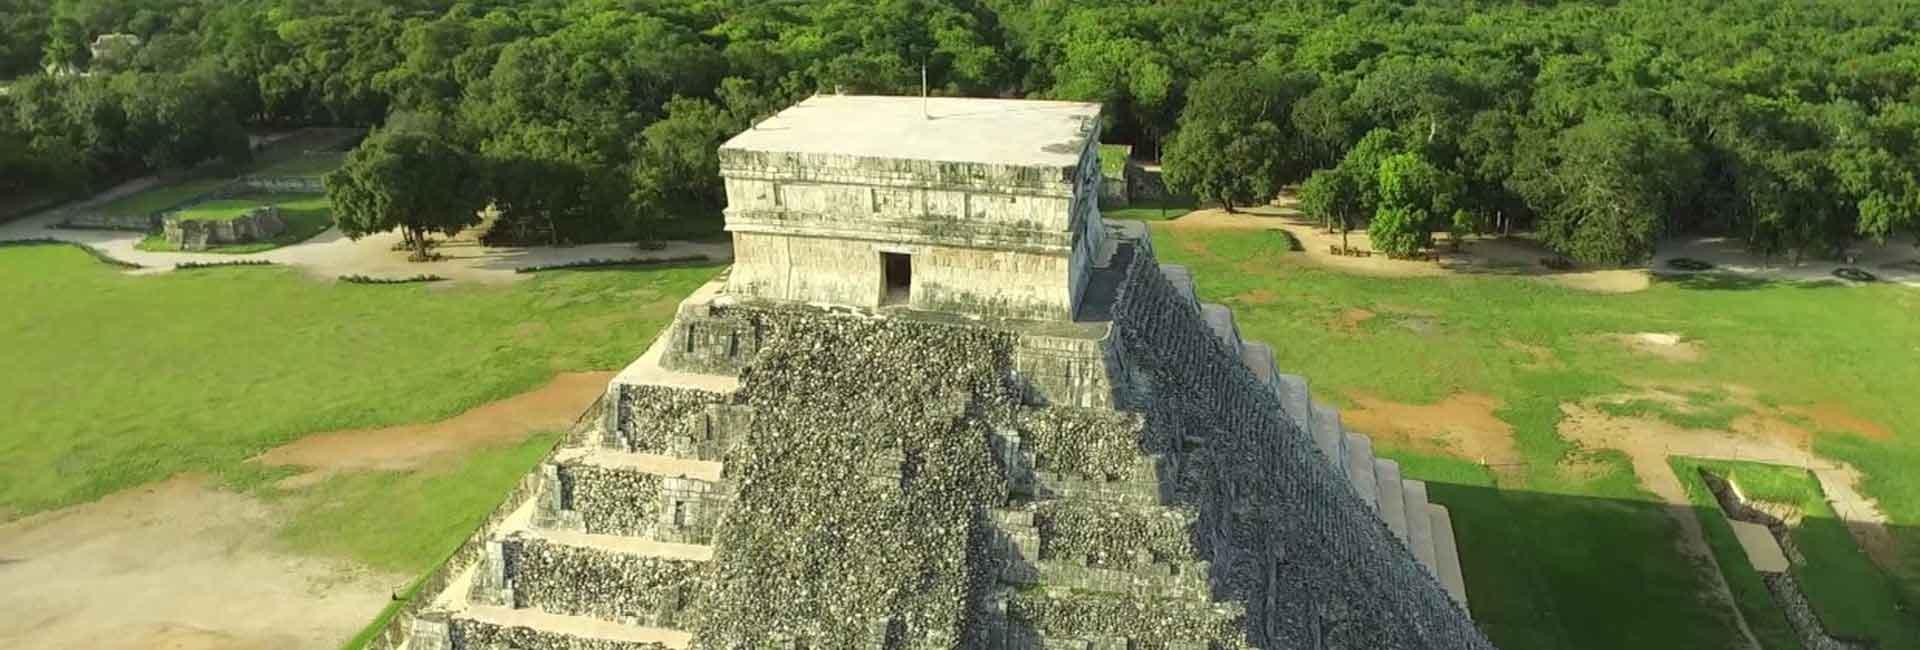 excursion-chichen-itza-desde-riviera-maya-sl-2-o